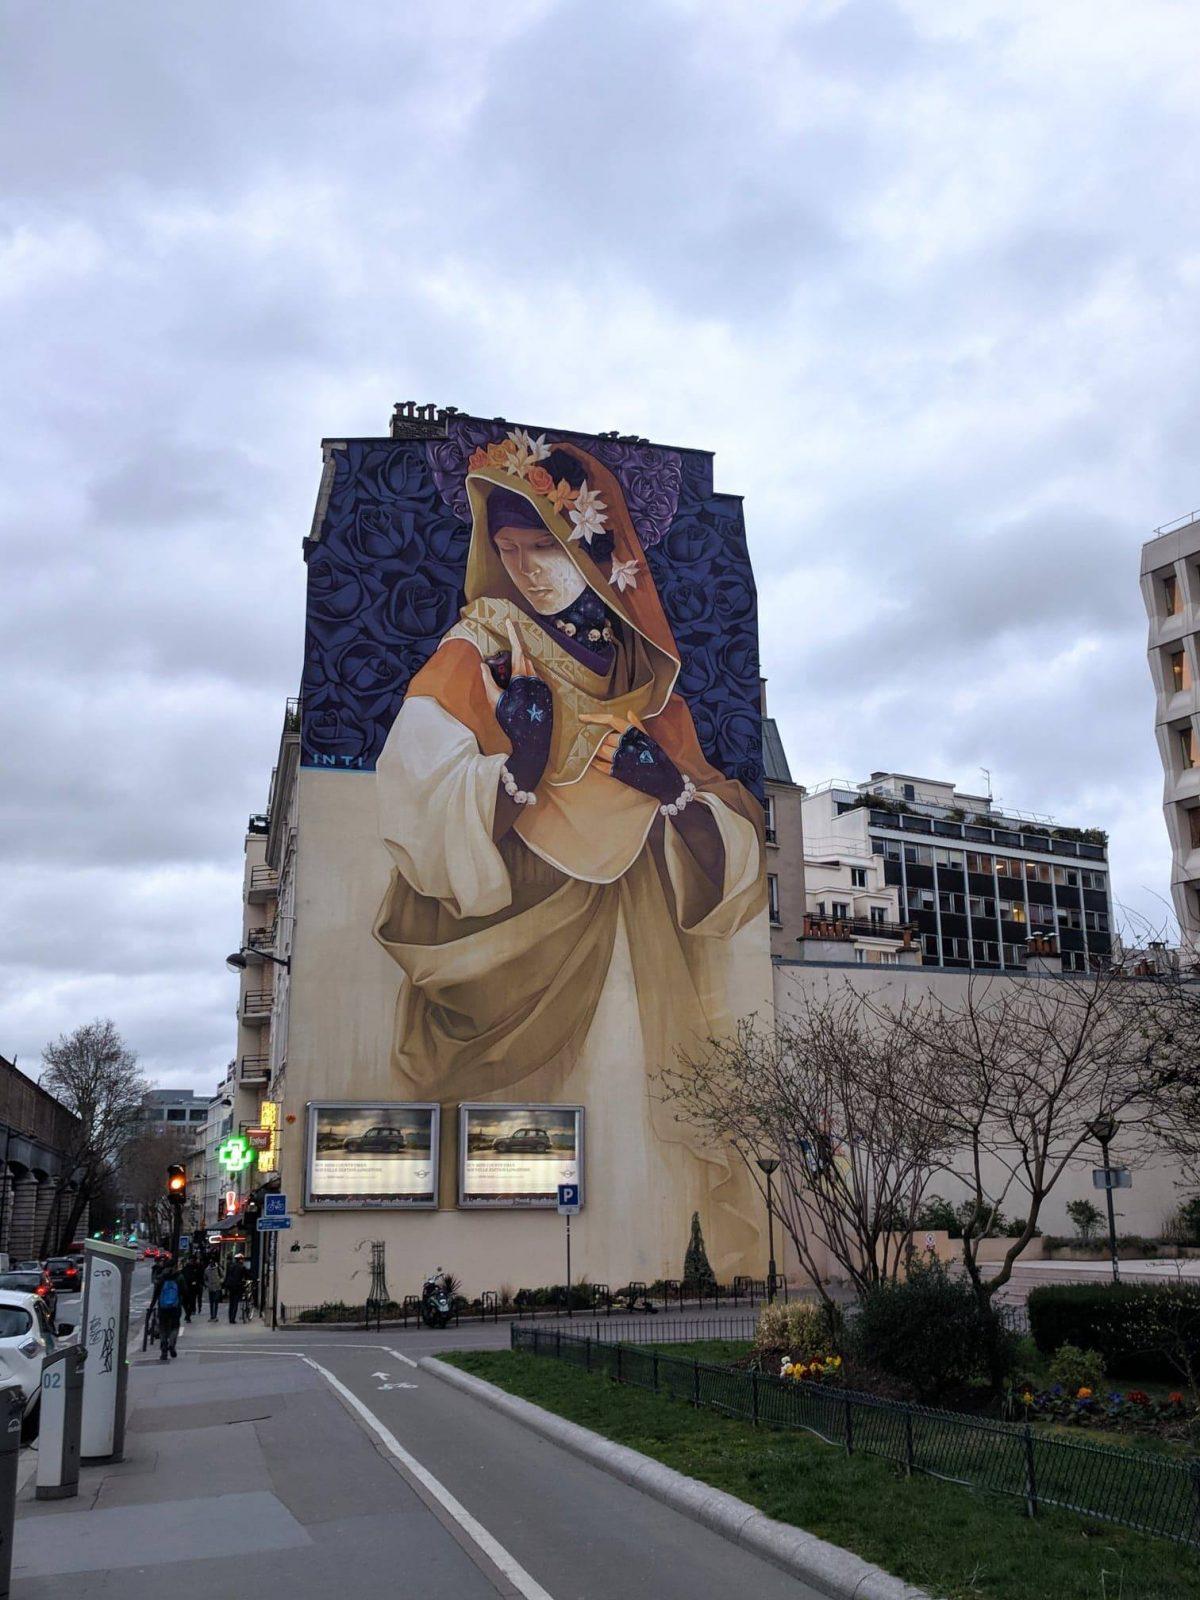 Balade-street-art-Paris-13